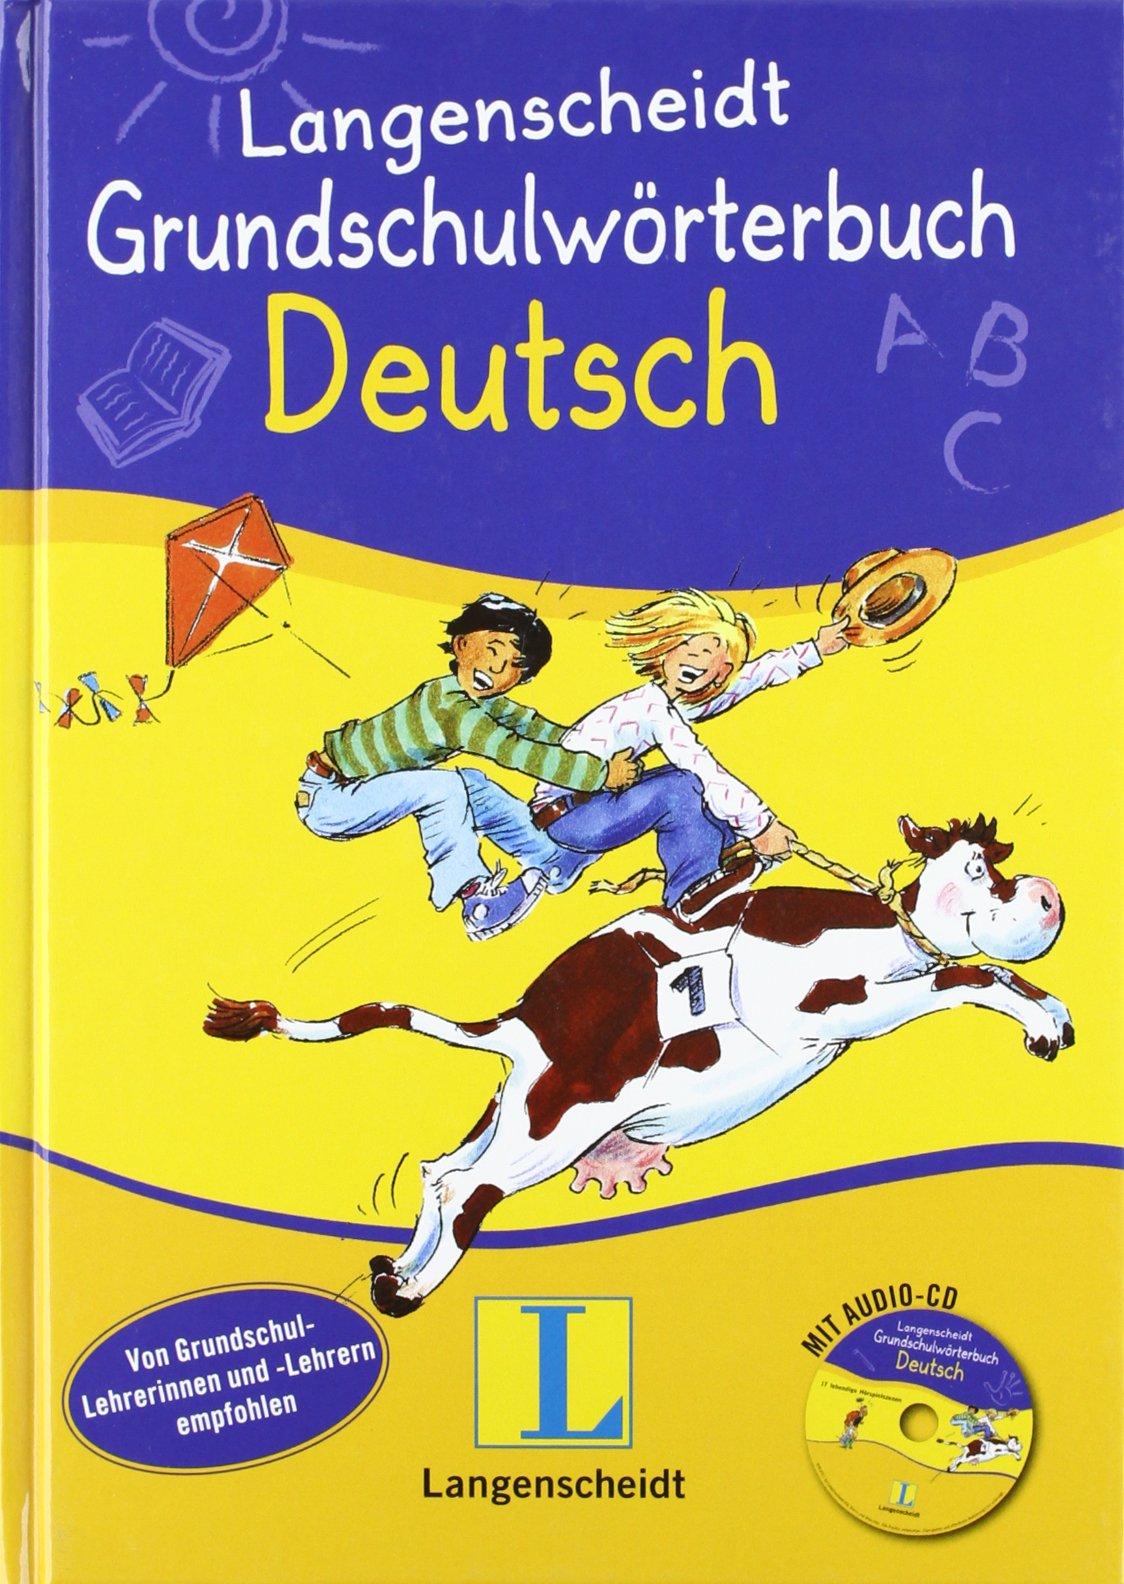 Langenscheidt Grundschulwörterbuch Deutsch - Buch mit Audio-CD (Langenscheidt Grundschulwörterbücher)